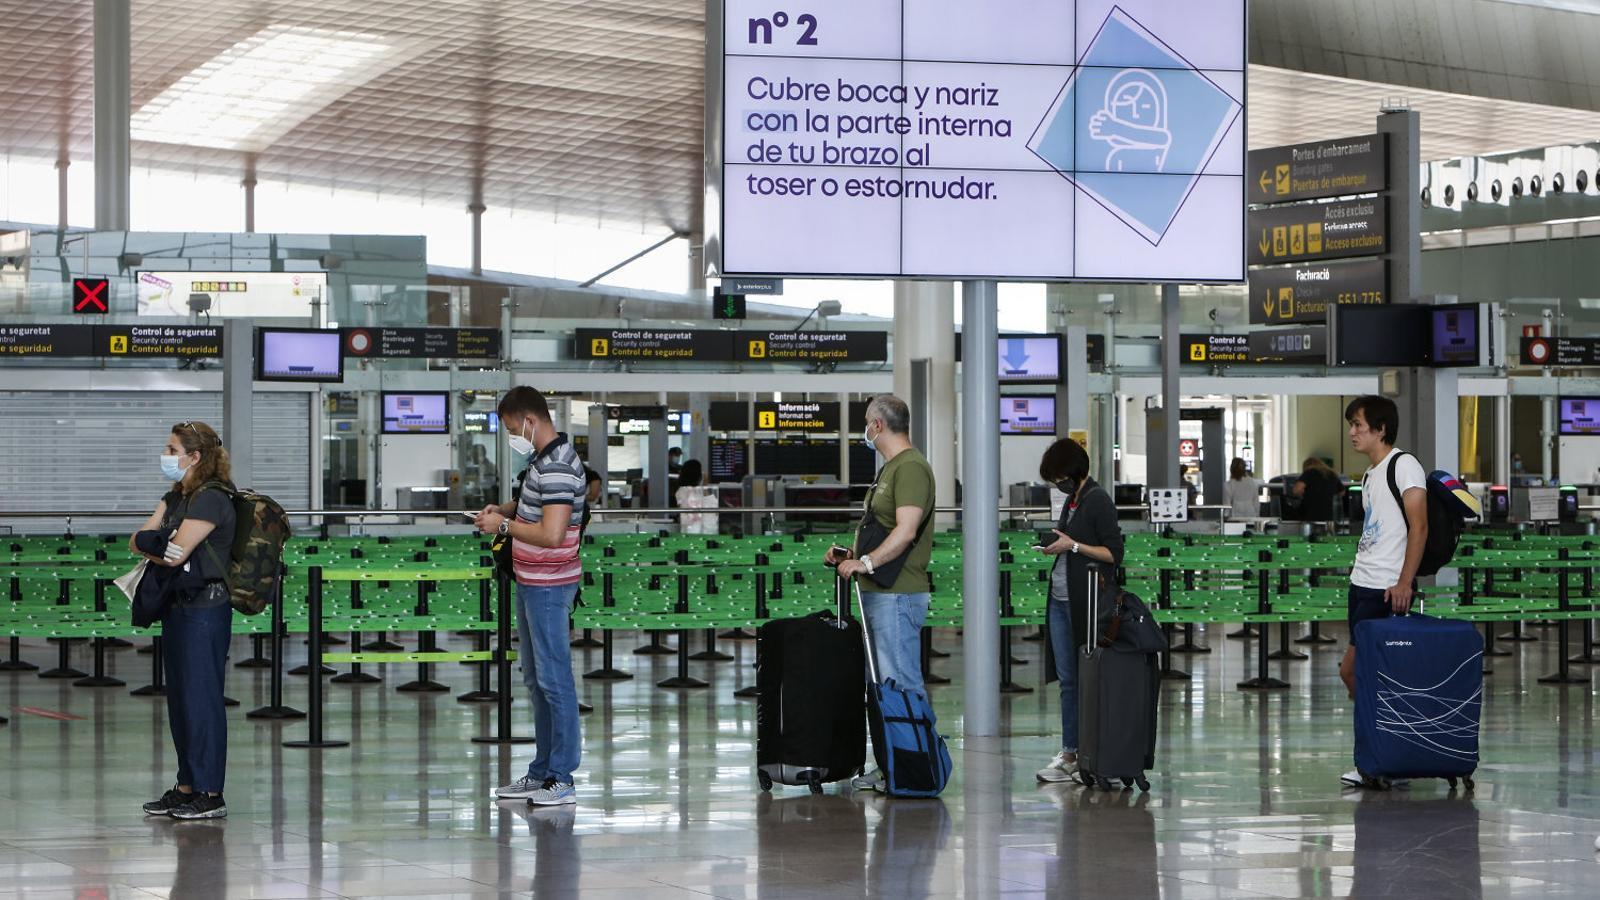 La nova rutina a la terminal T1 del Prat, en imatges d'aquesta setmana.